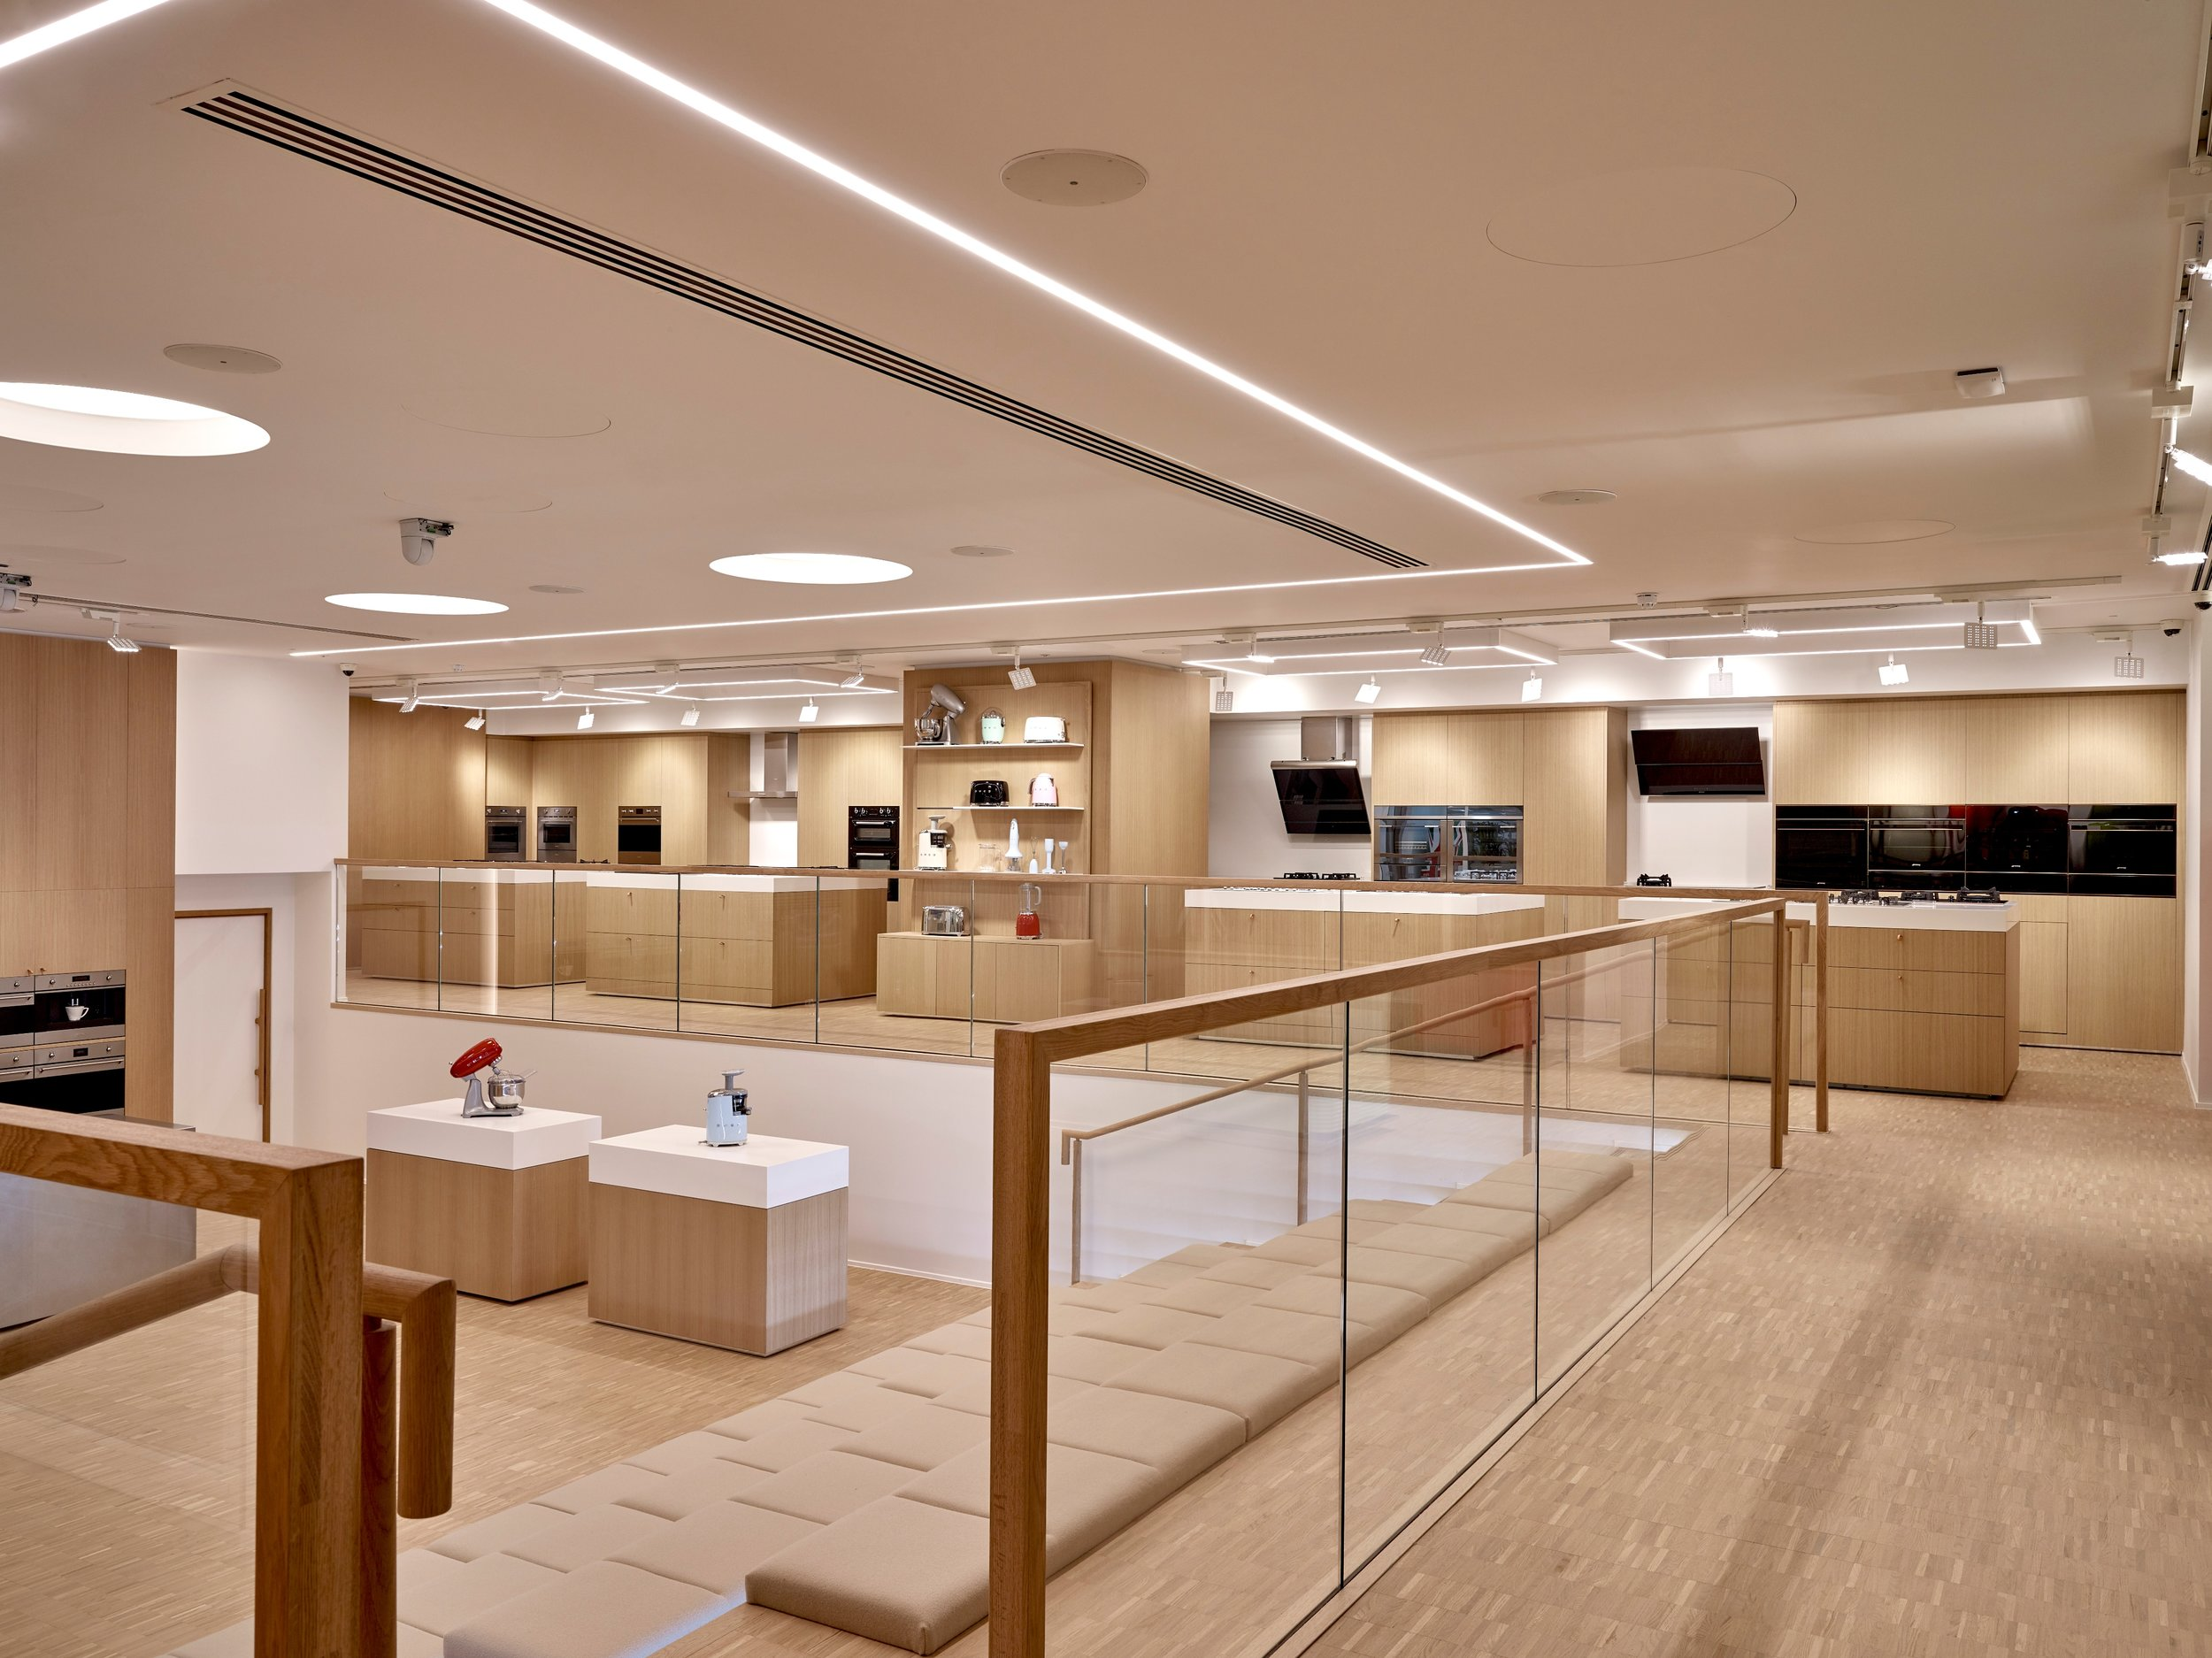 SMEG-store-full-interior.jpg